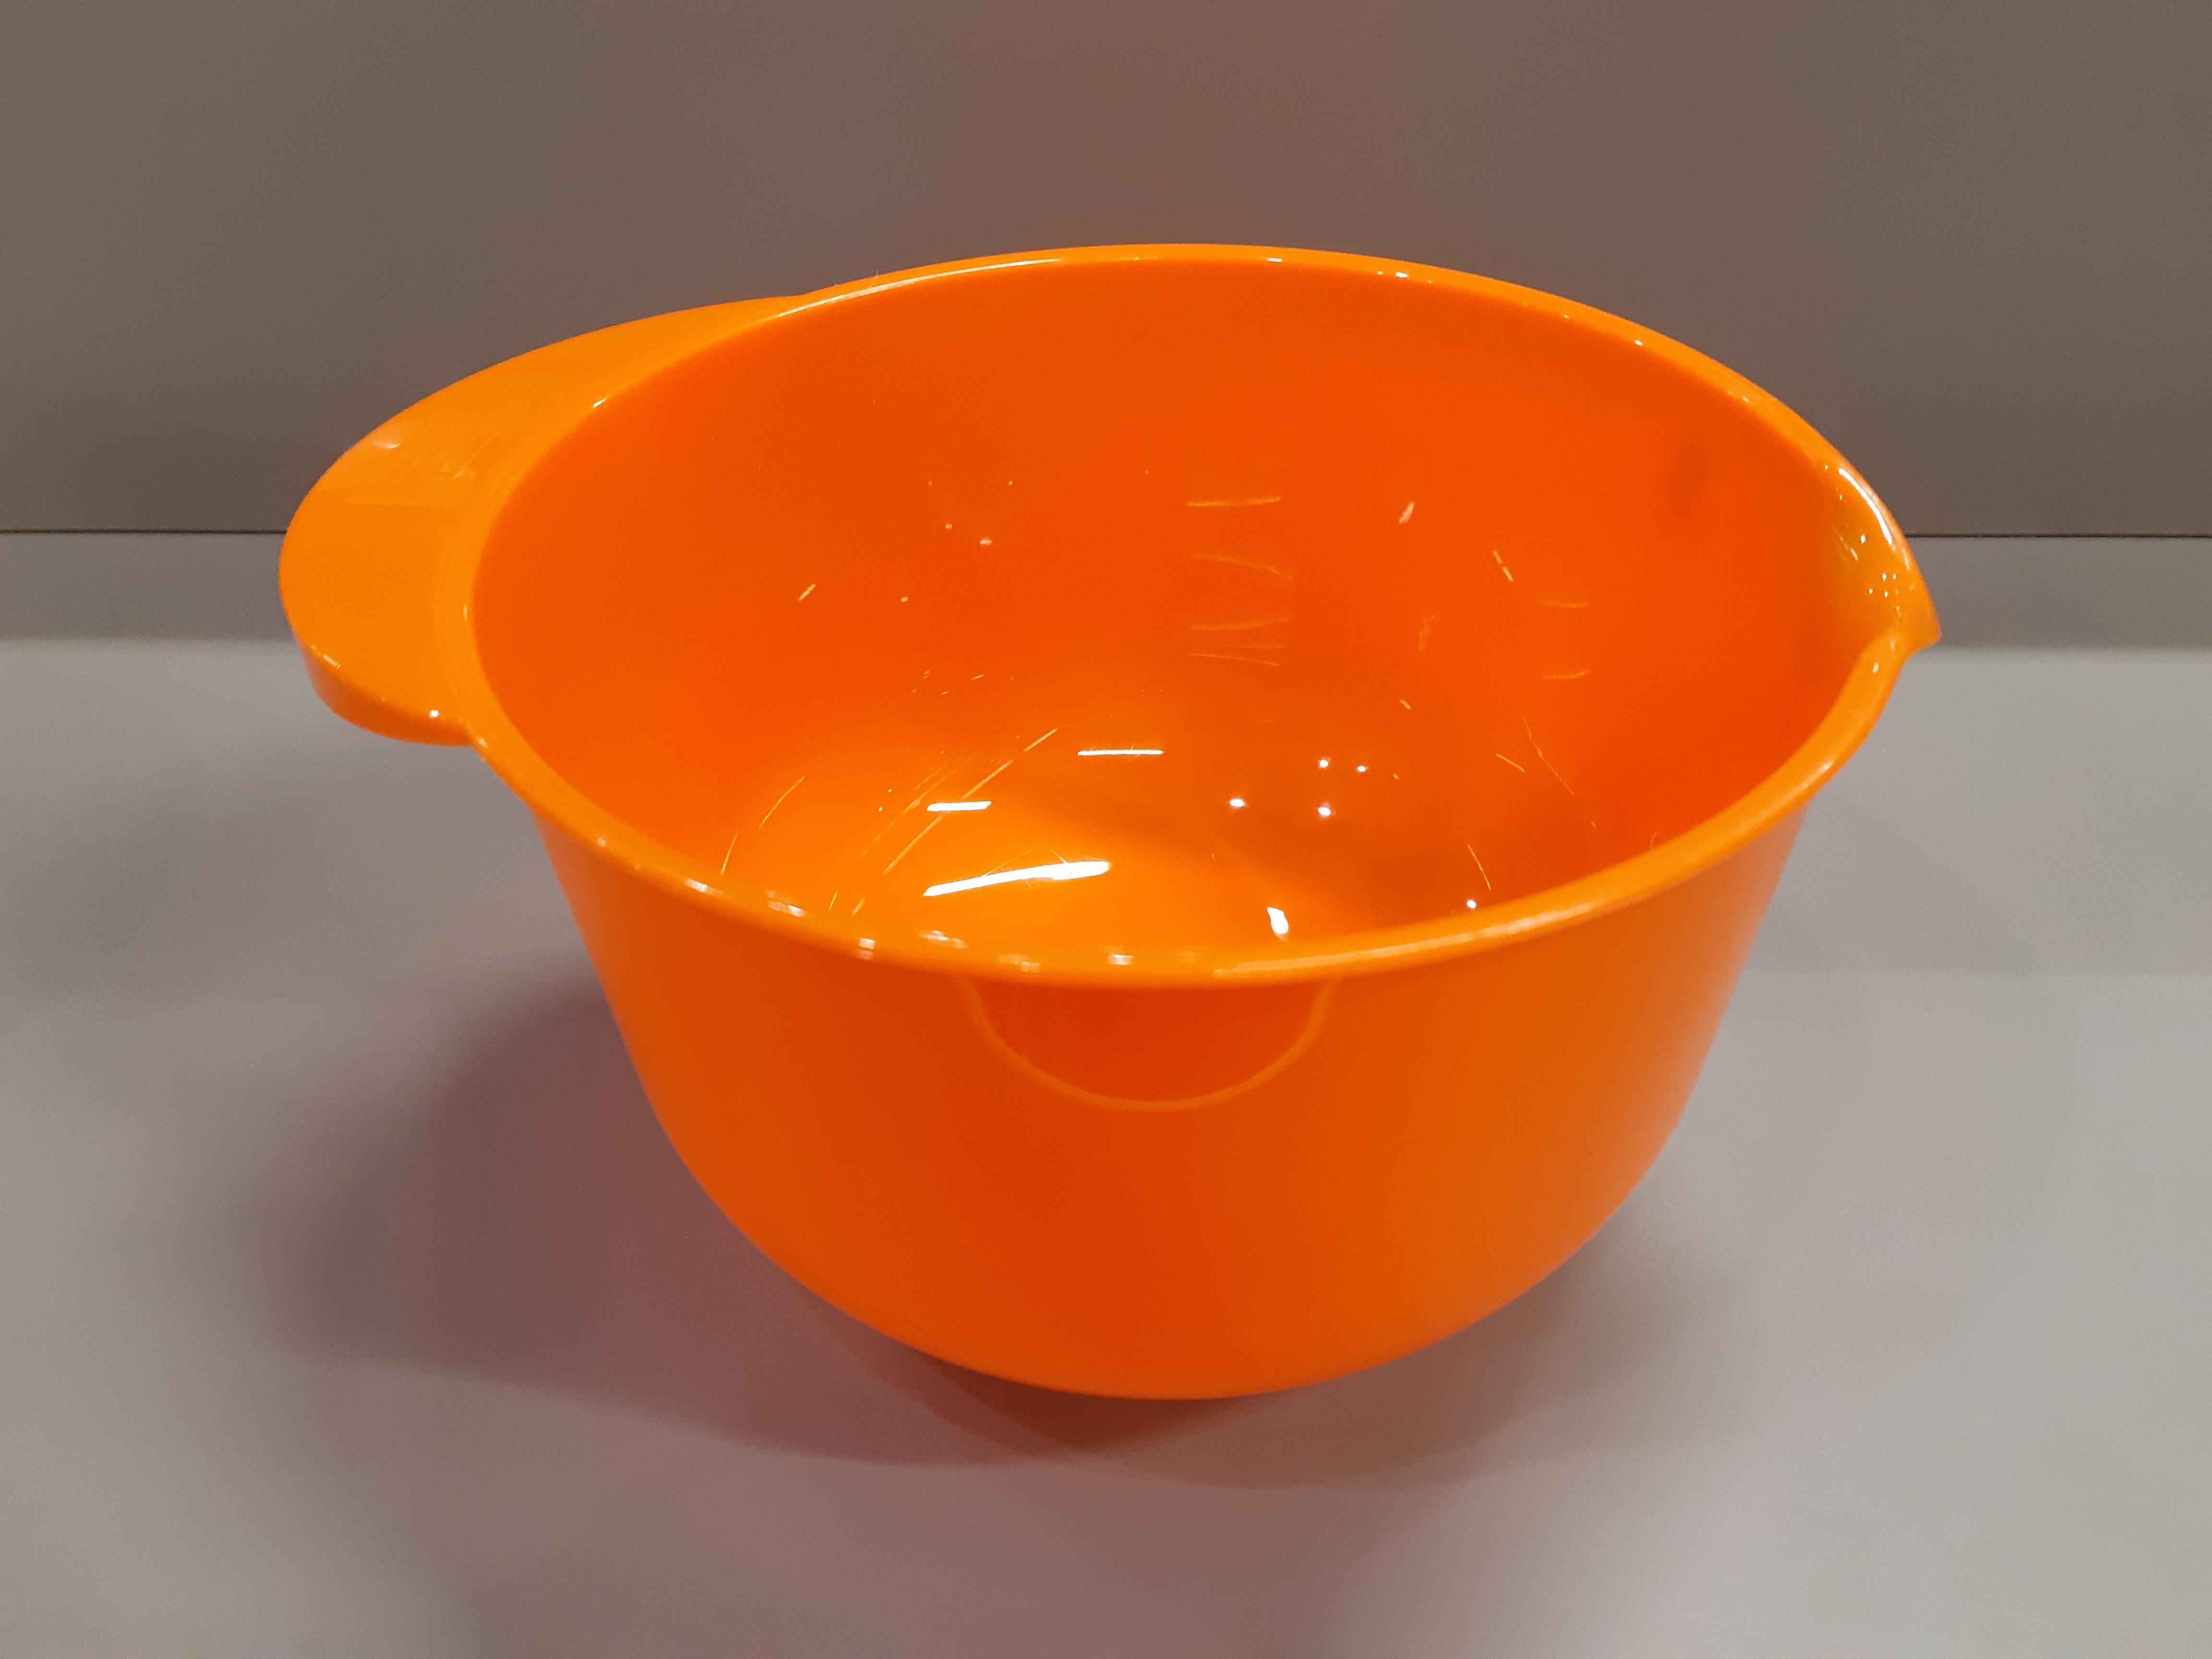 J'ai testé pour vous mon cake surprise avec mon bol mixing bowl